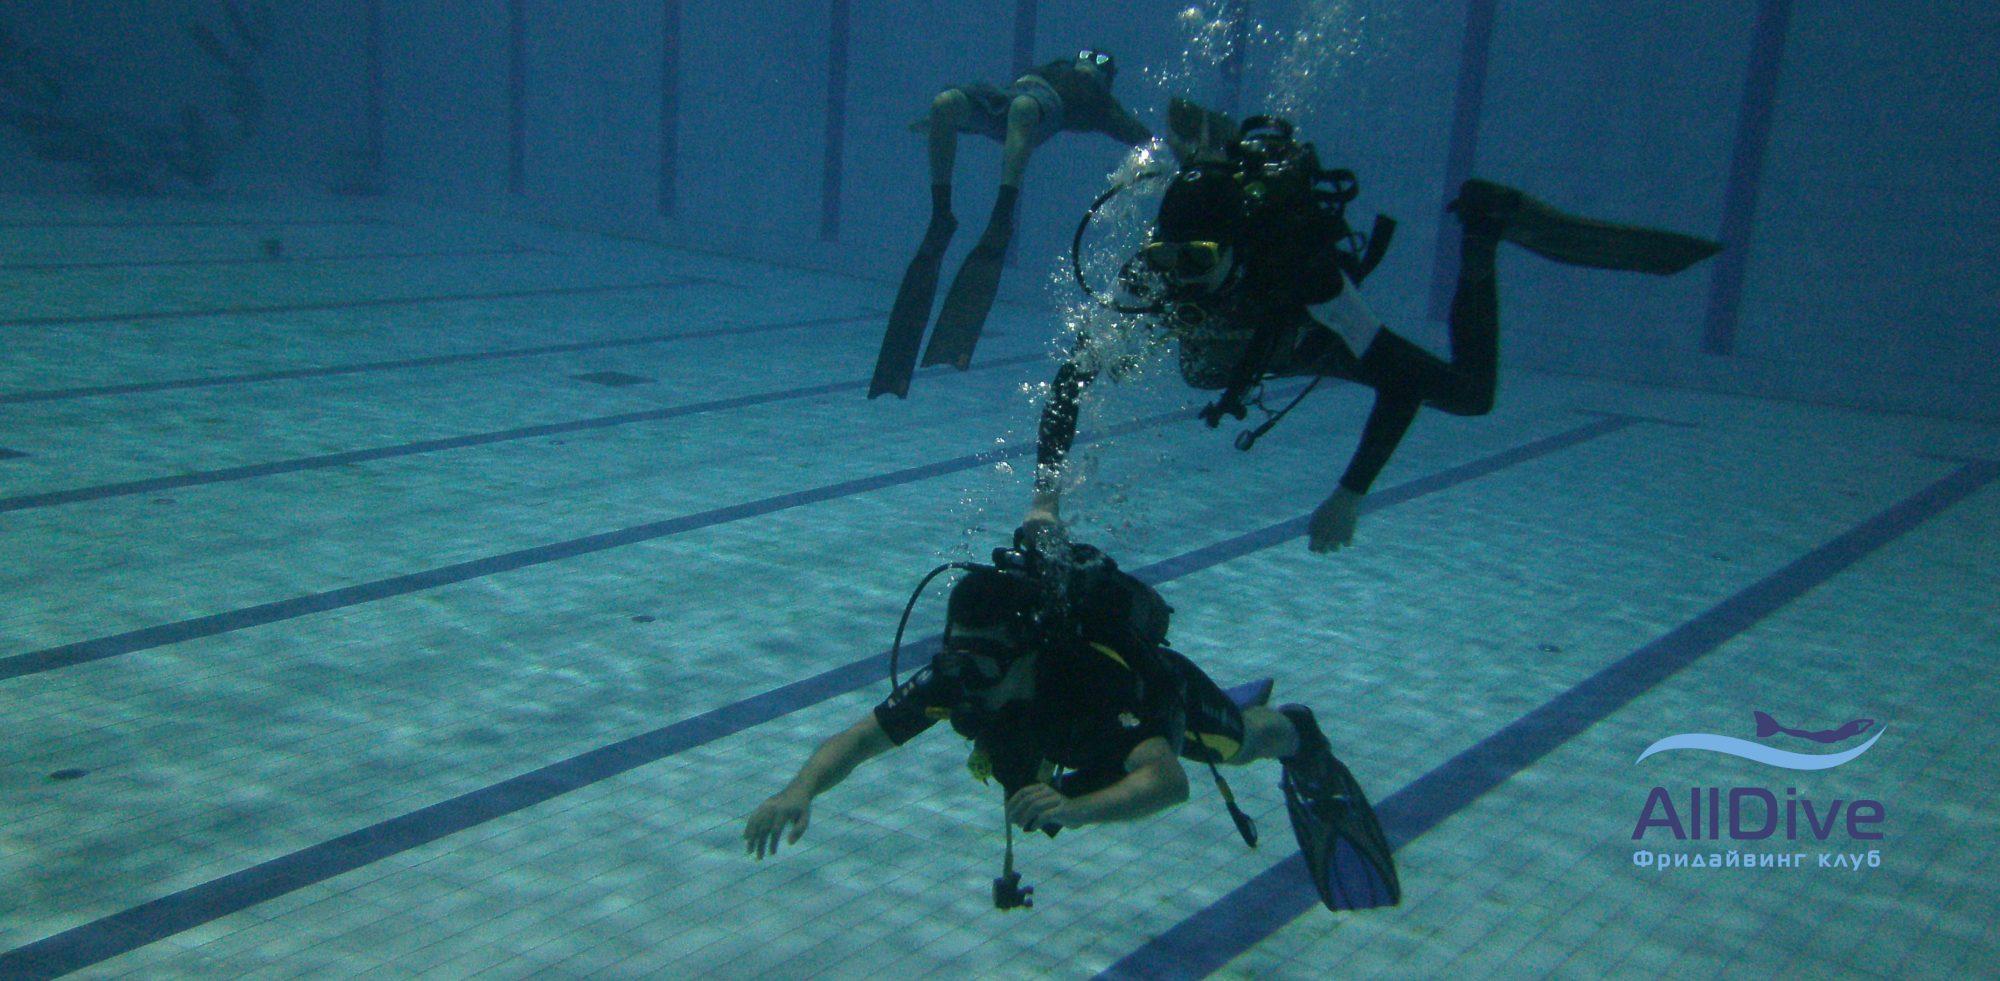 Пробное погружение с аквалангом в бассейне